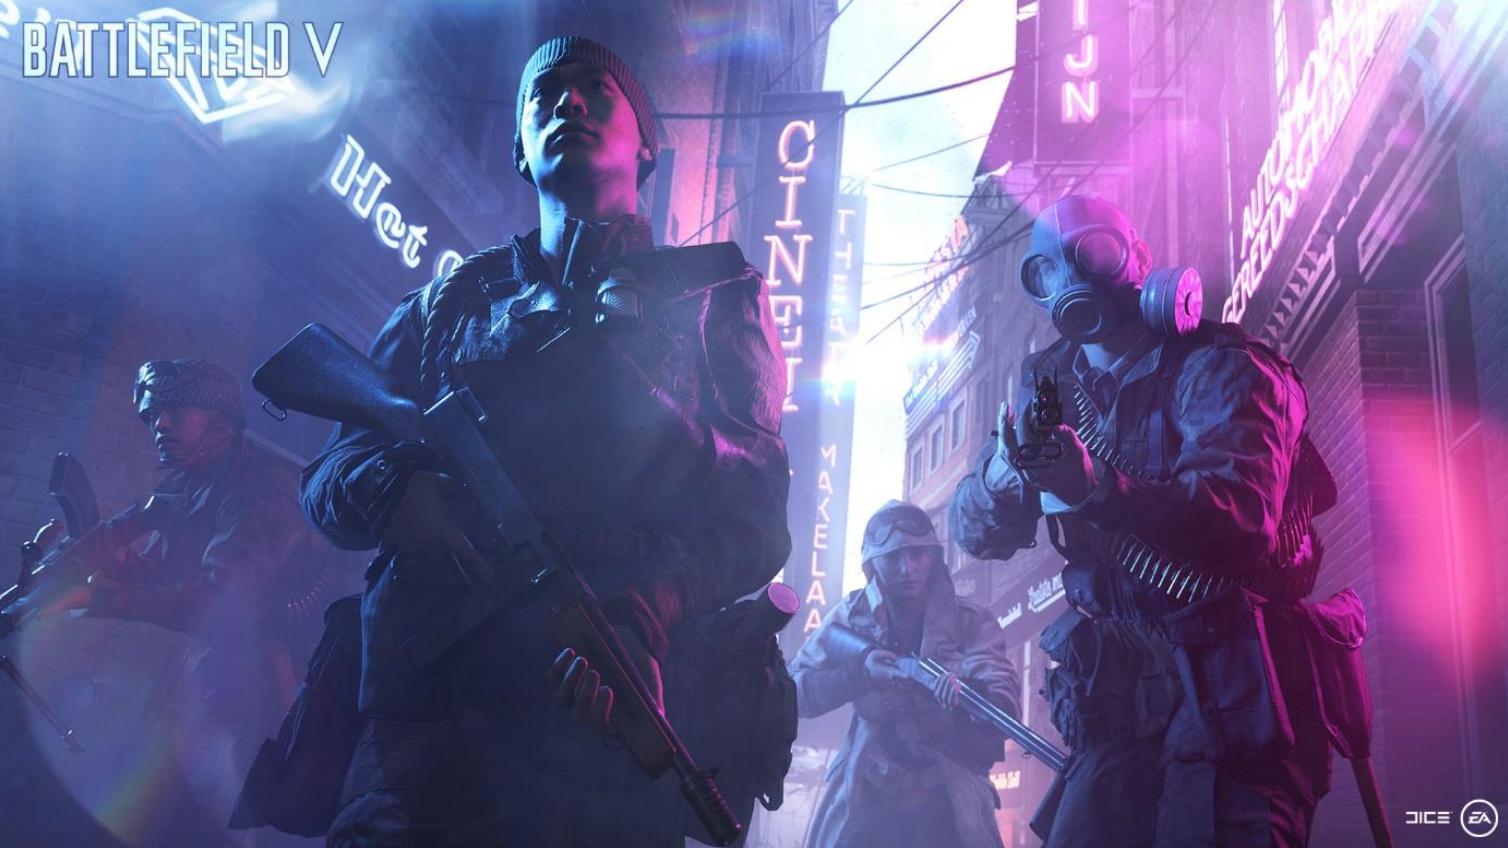 DICE está mudando e melhorando mapas do Battlefield V de acordo com o feedback da comunidade